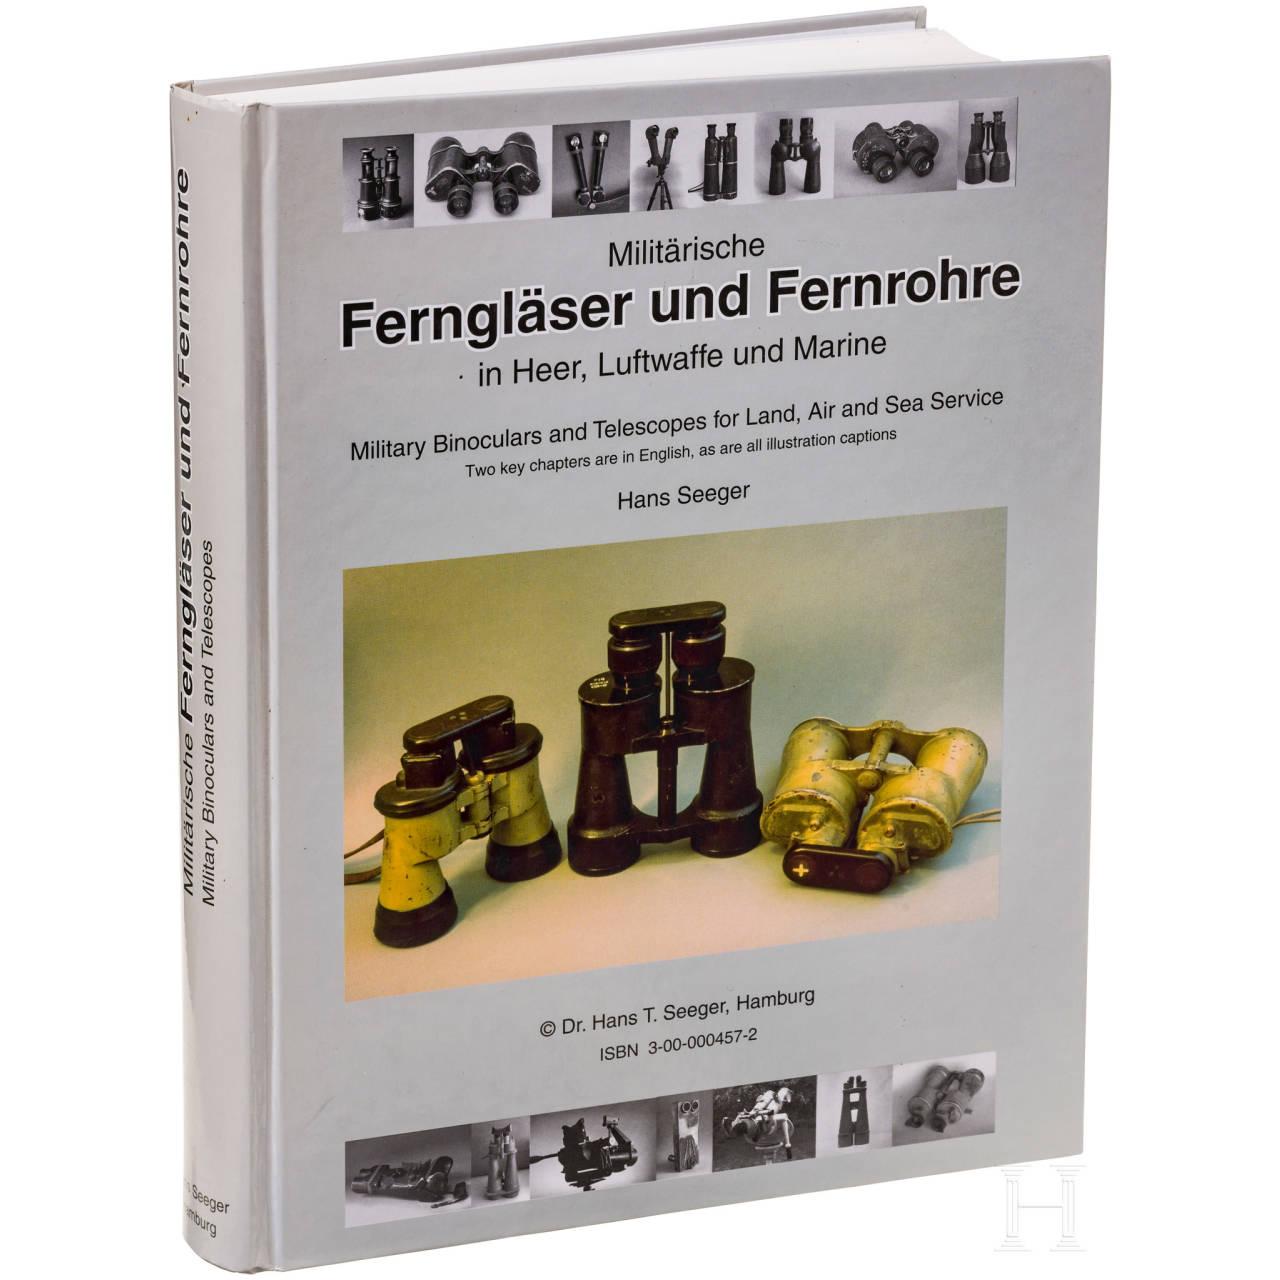 """A book by Seeger, """"Militärische Ferngläser und Fernrohre"""""""